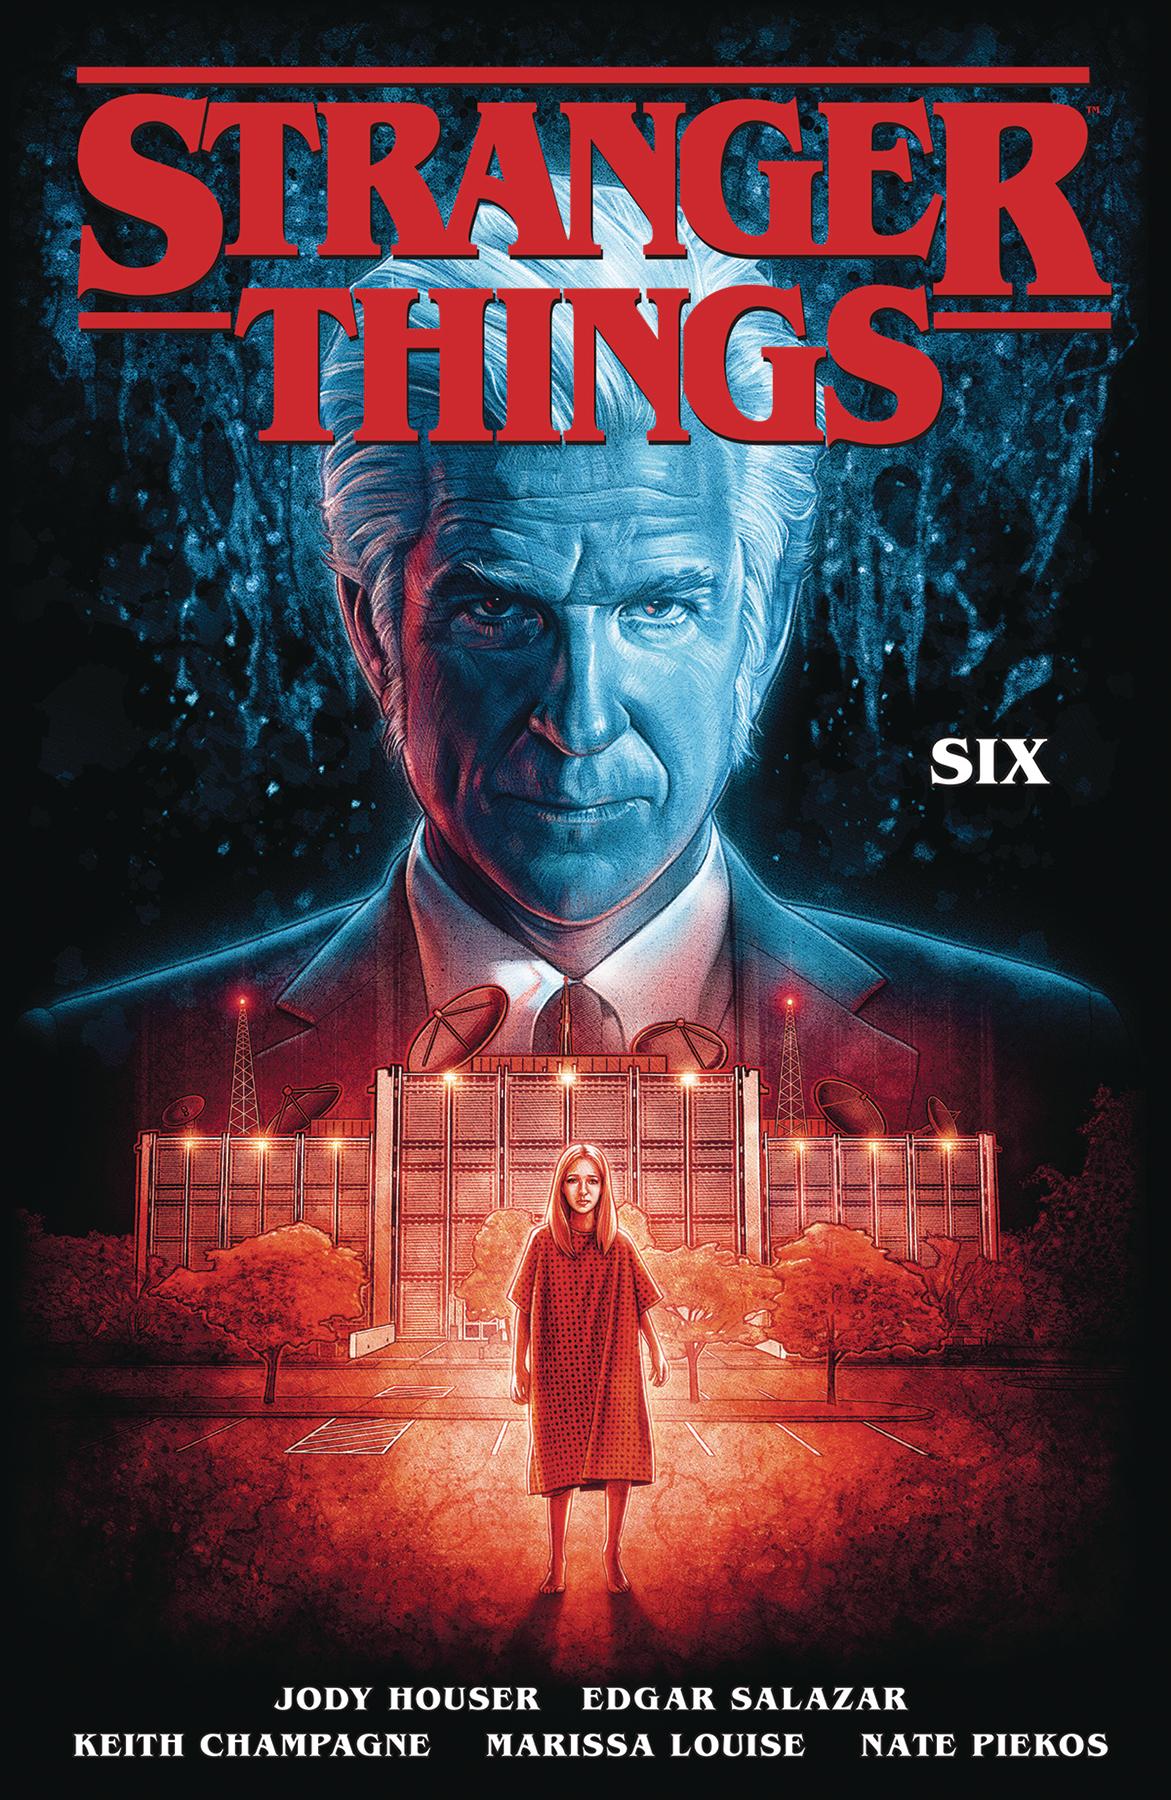 Stranger Things Six Trade Paperback Volume 02